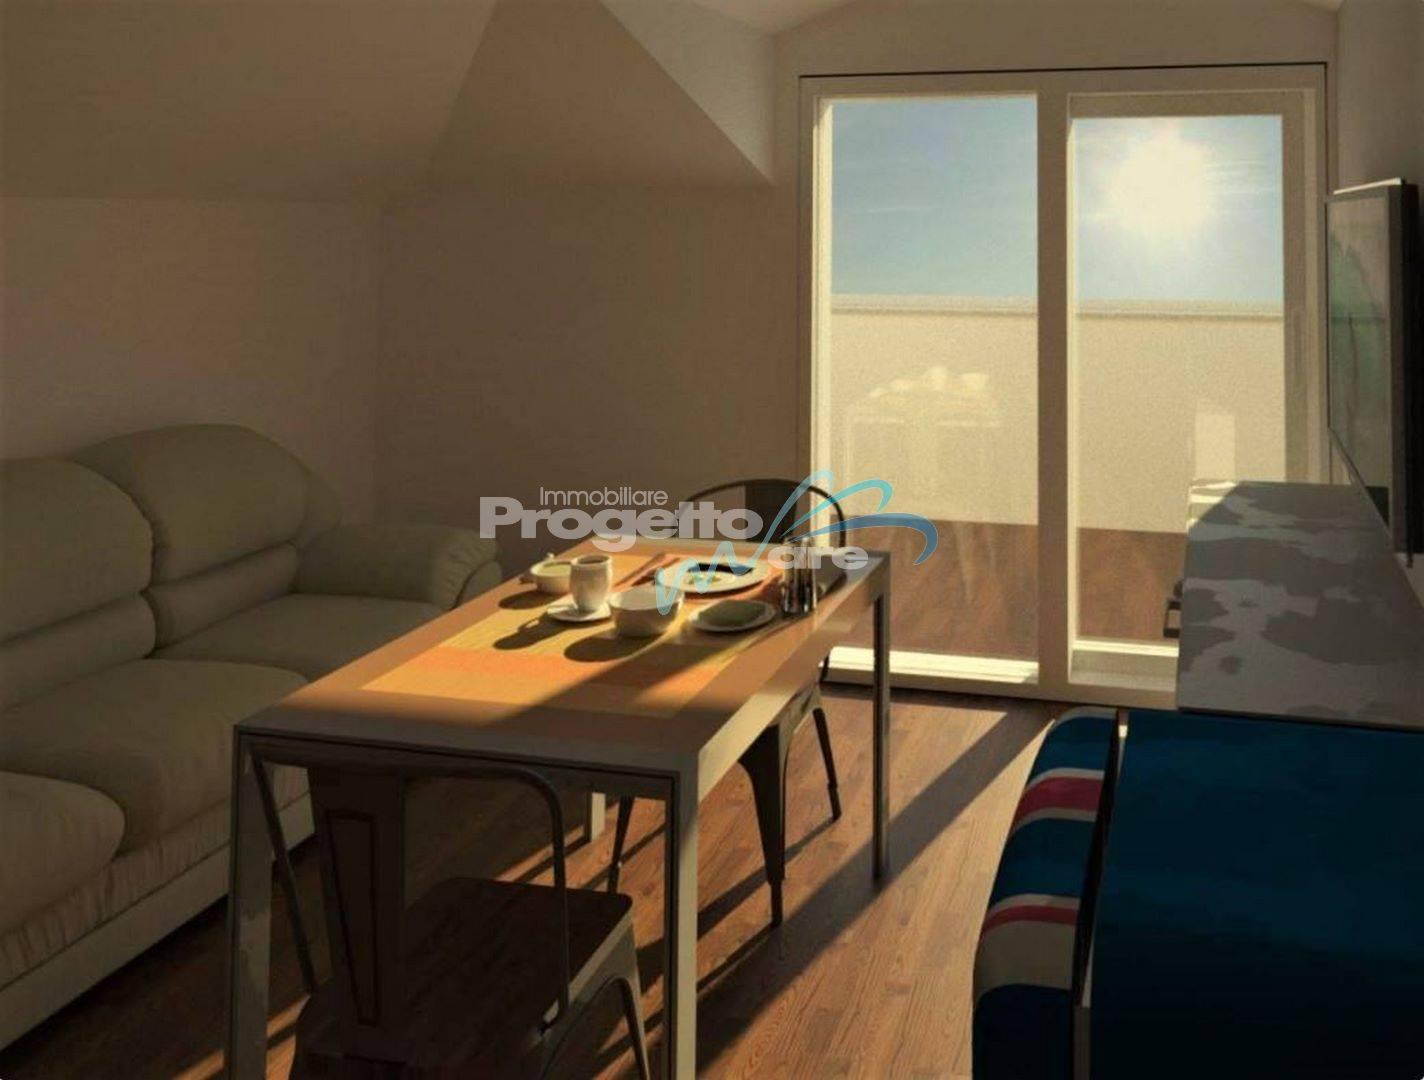 Appartamento in vendita a Pietra Ligure, 3 locali, zona Località: Stazione, prezzo € 420.000   PortaleAgenzieImmobiliari.it